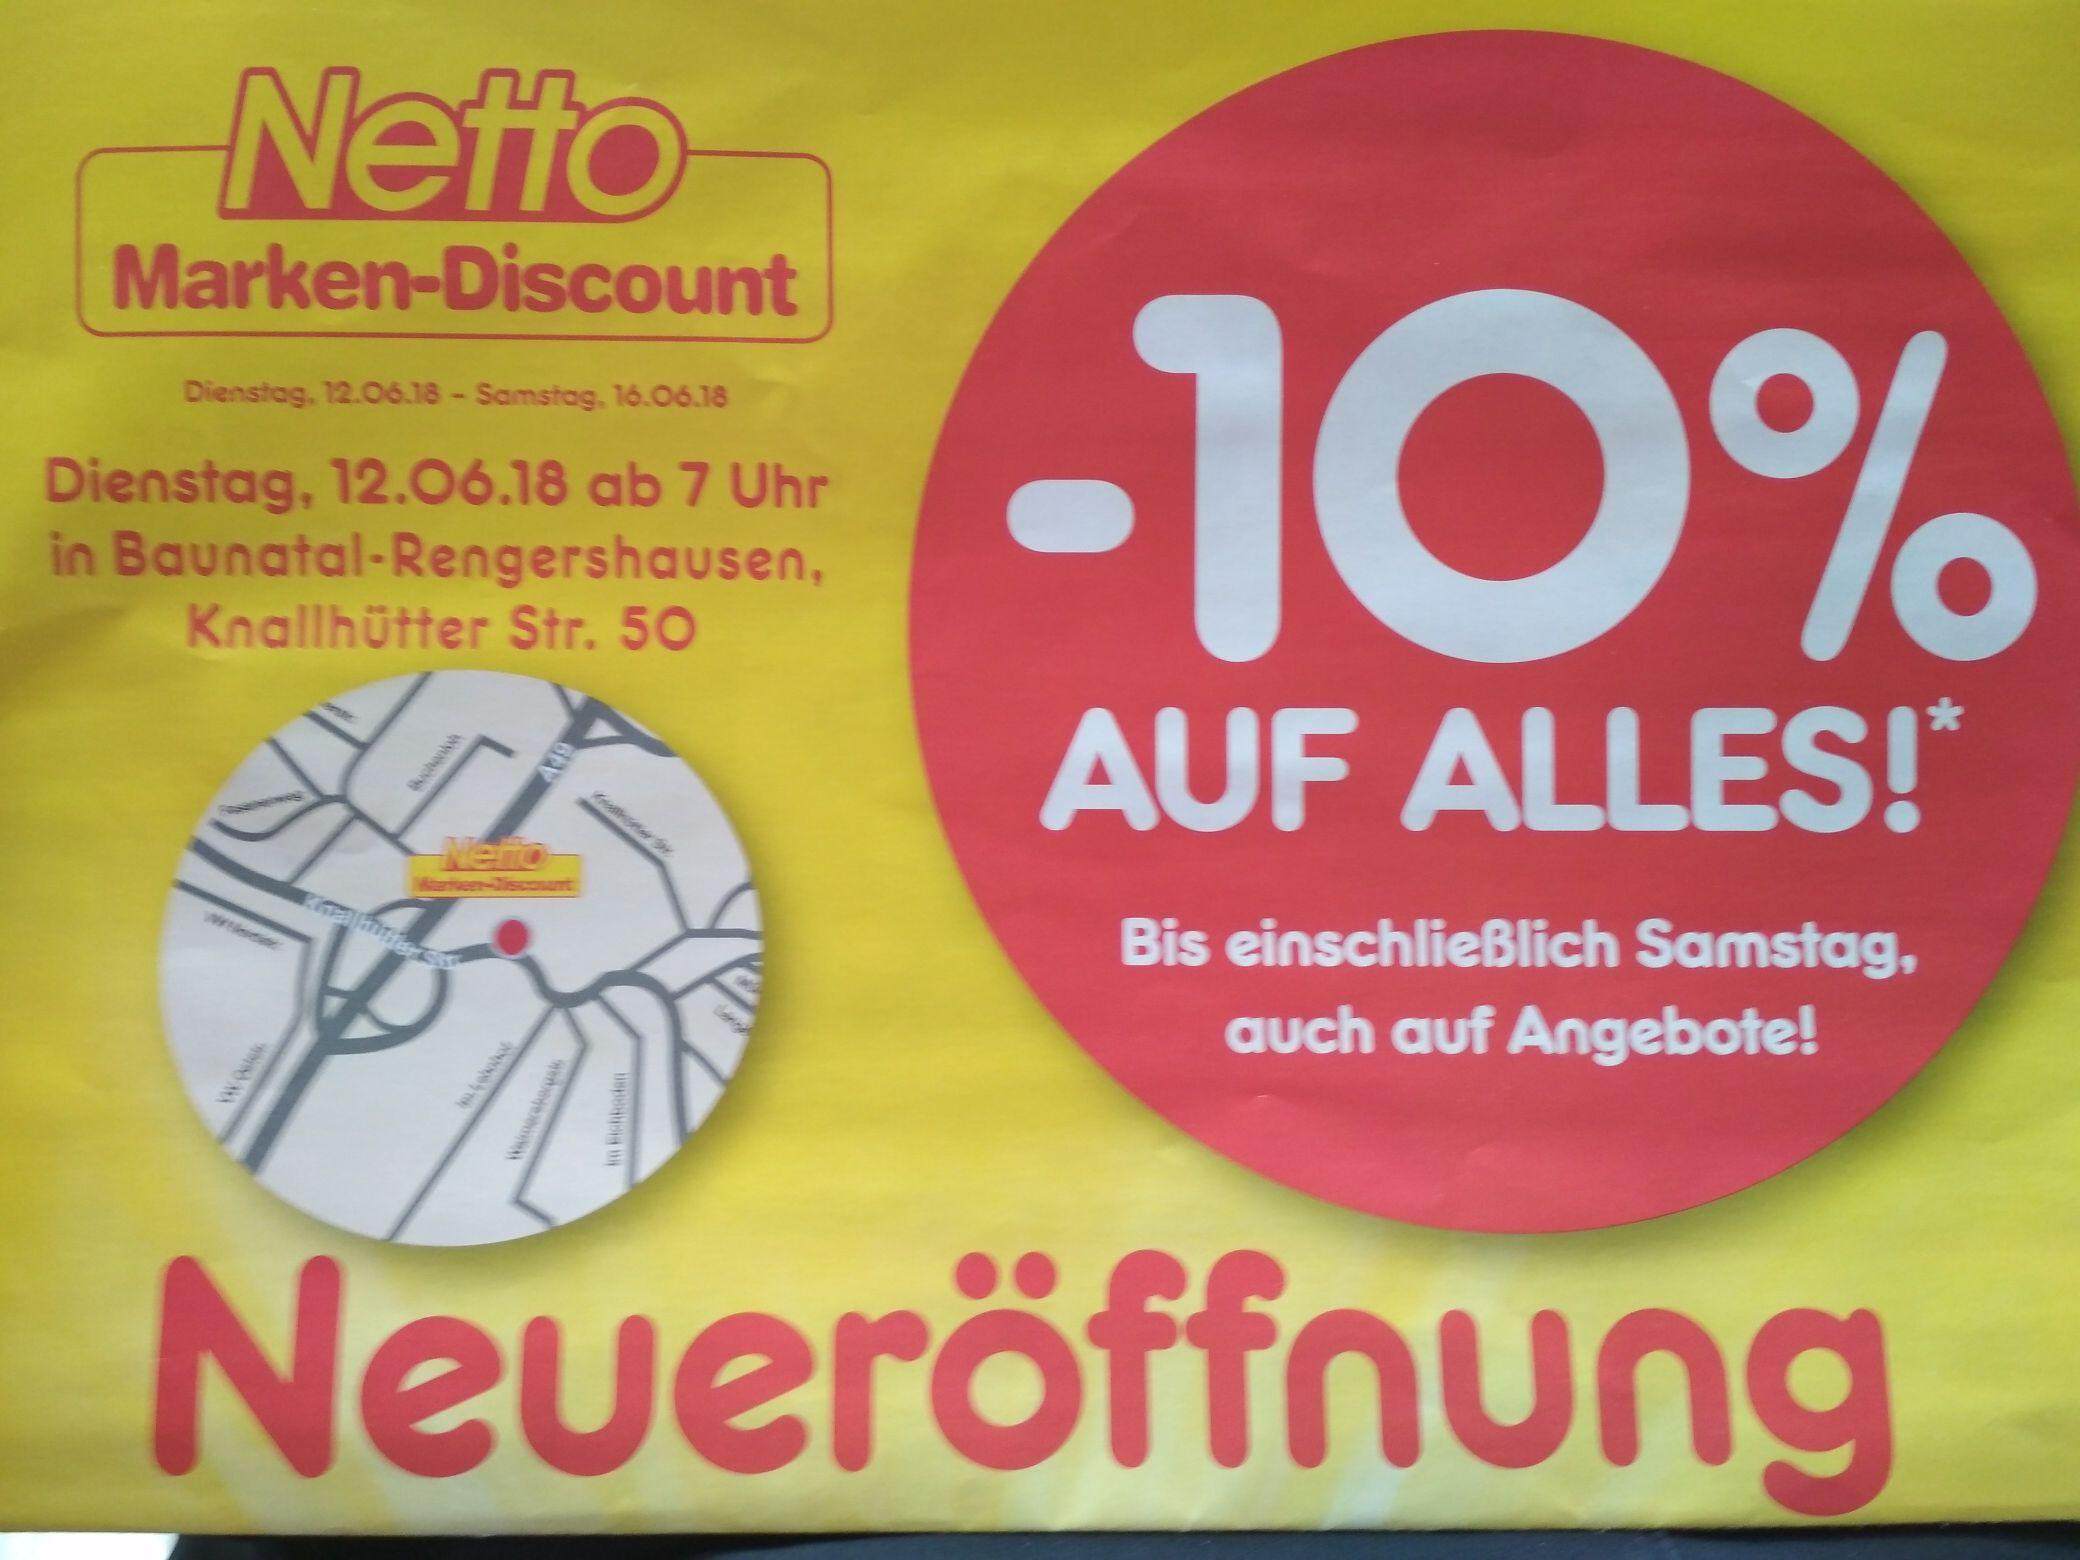 [Lokal] Netto Neueröffnung Baunatal (Rengershausen) Kassel